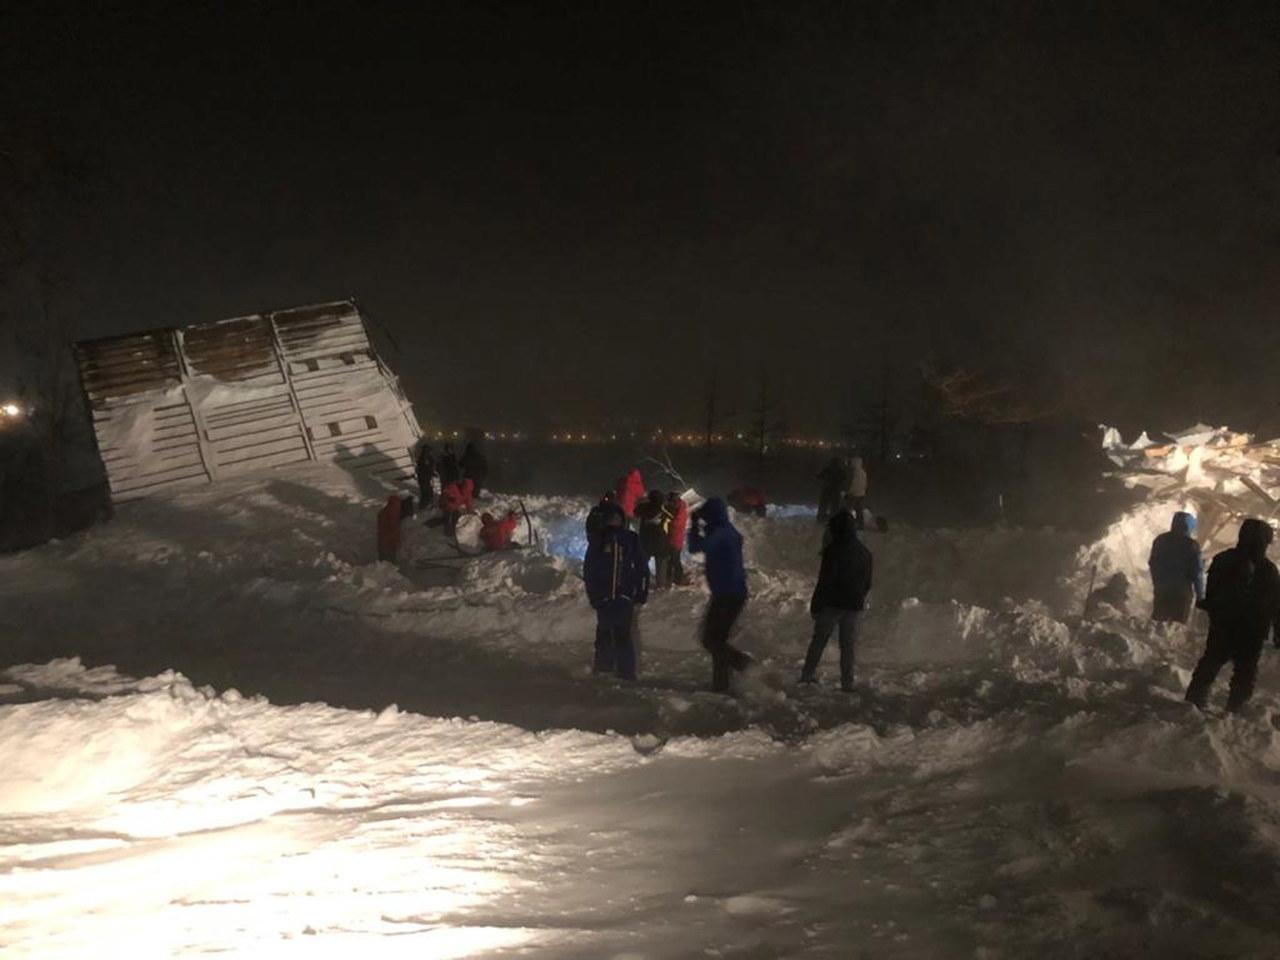 Rosja: Lawina w ośrodku narciarskim. Zginęło małżeństwo i 14-miesięczne dziecko